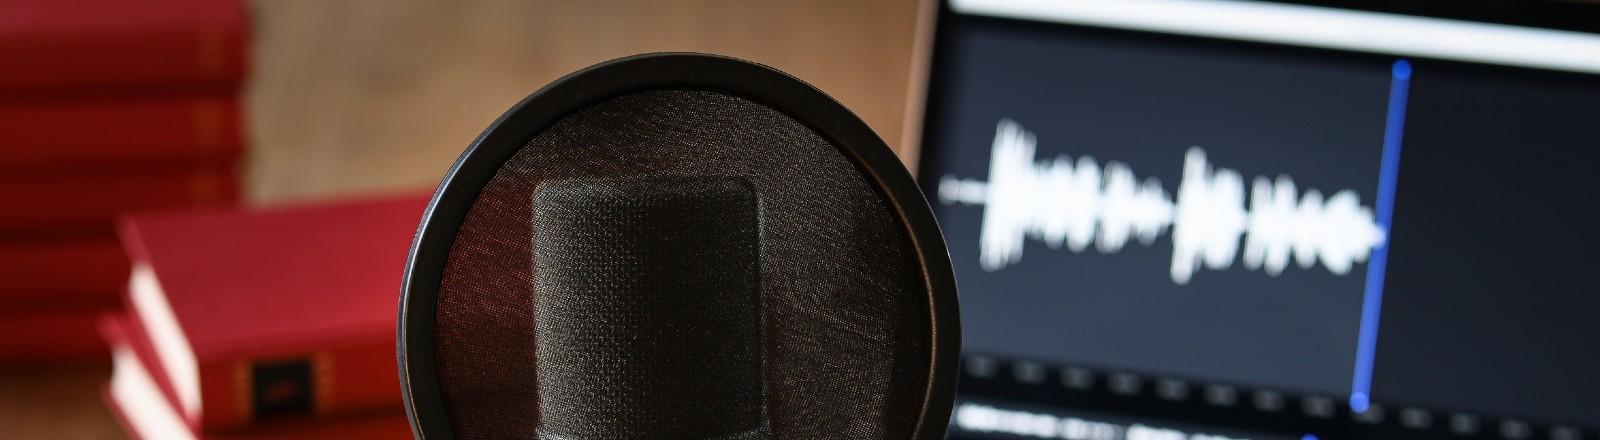 Podcastequipment: Mikrophon, Laptop, ein Buch.